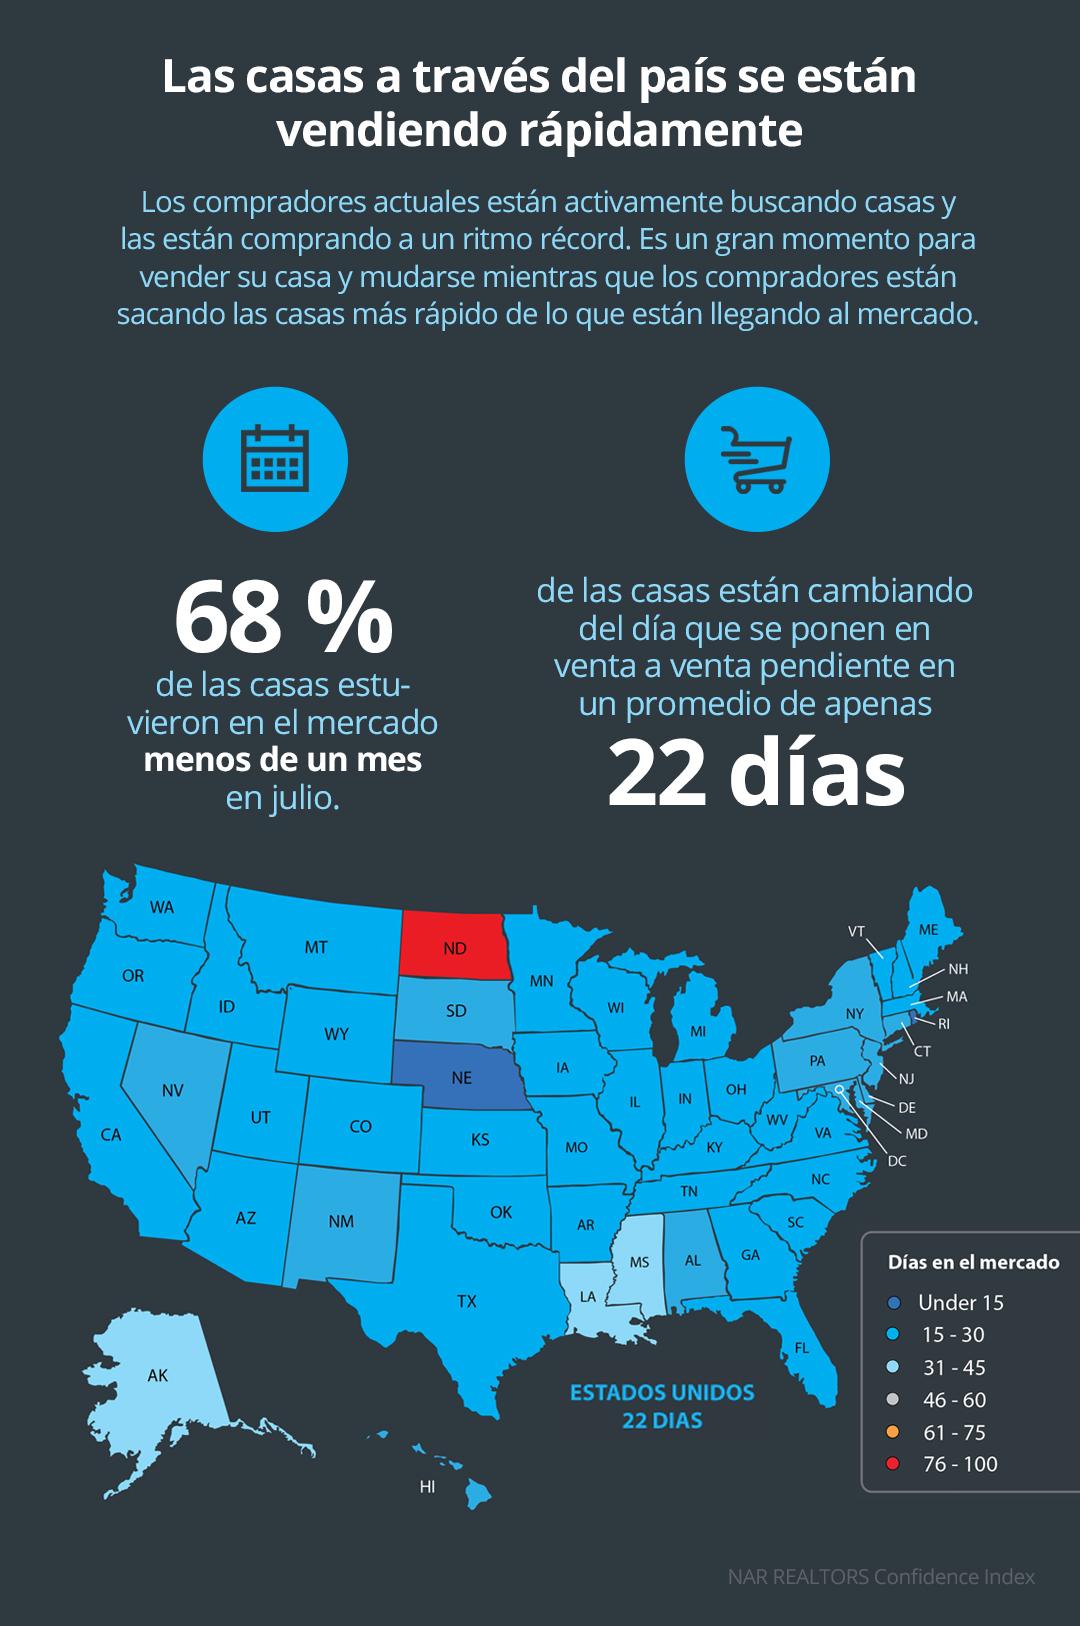 Las casas a través del país se están vendiendo rápidamente [Infografía] | Simplifying The Market